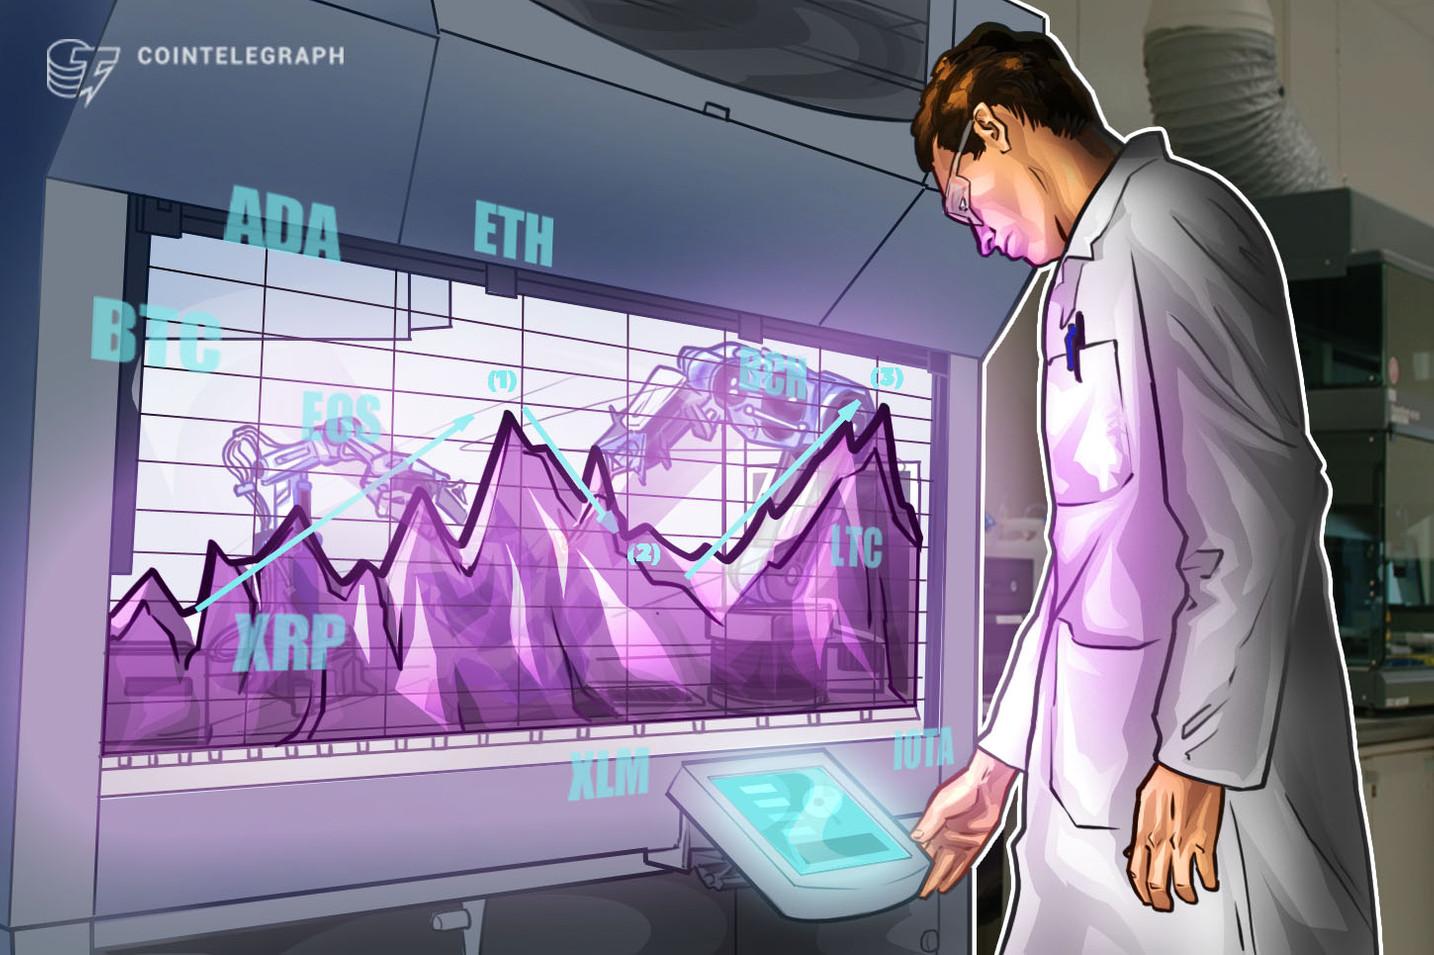 Bitcoin, Ethereum, Ripple, Dinheiro Bitcoin, EOS, Litecoin, Cardano, Stellar, IOTA: Análise de Preço, 20 de junho